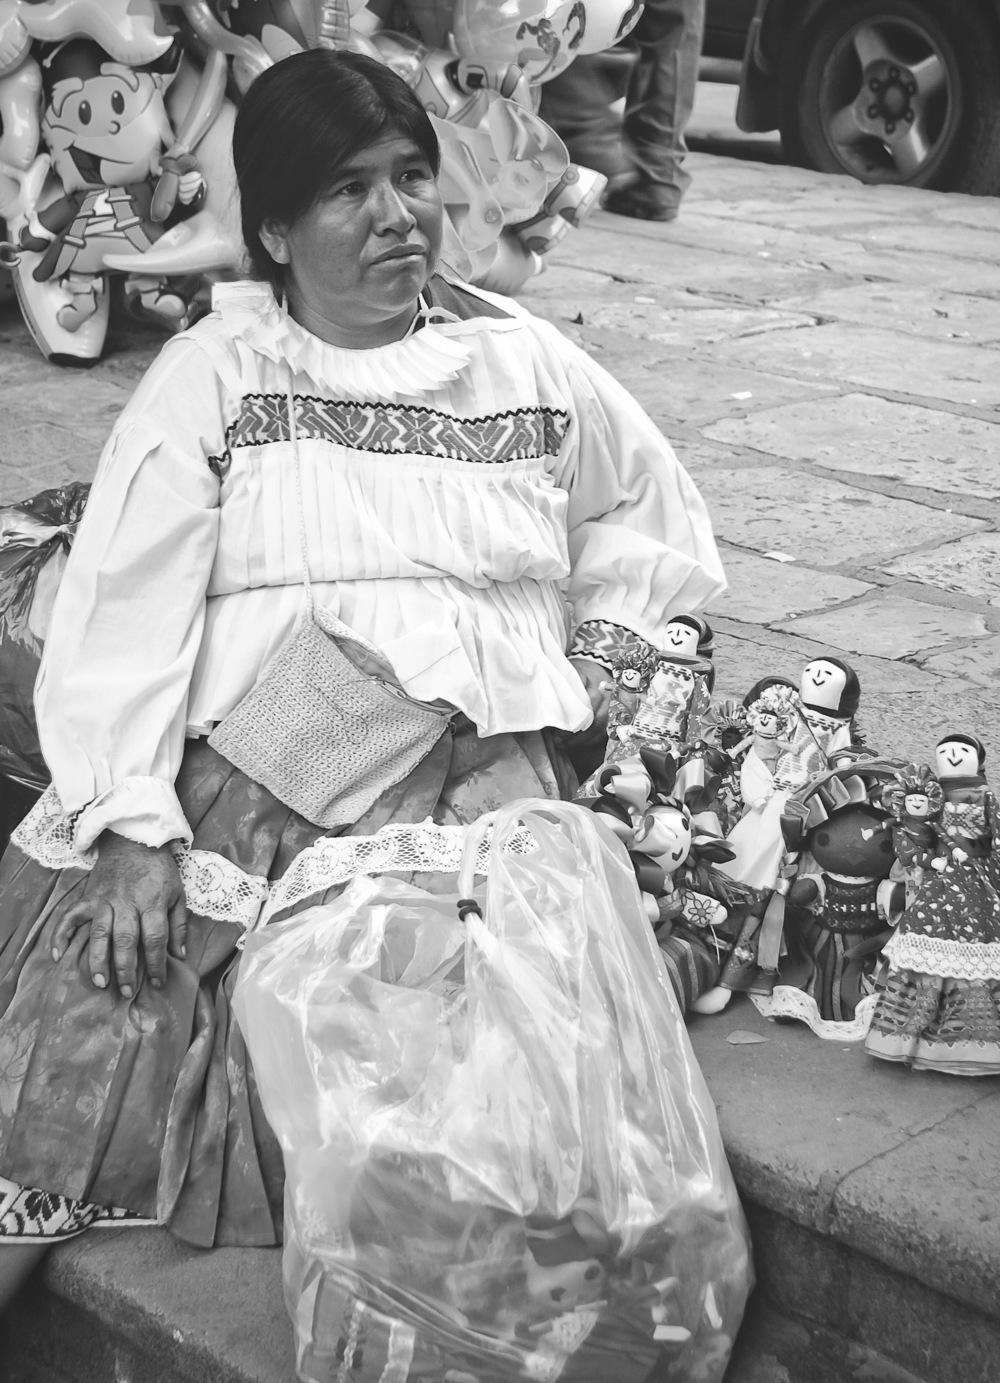 Vendedora, Mexico